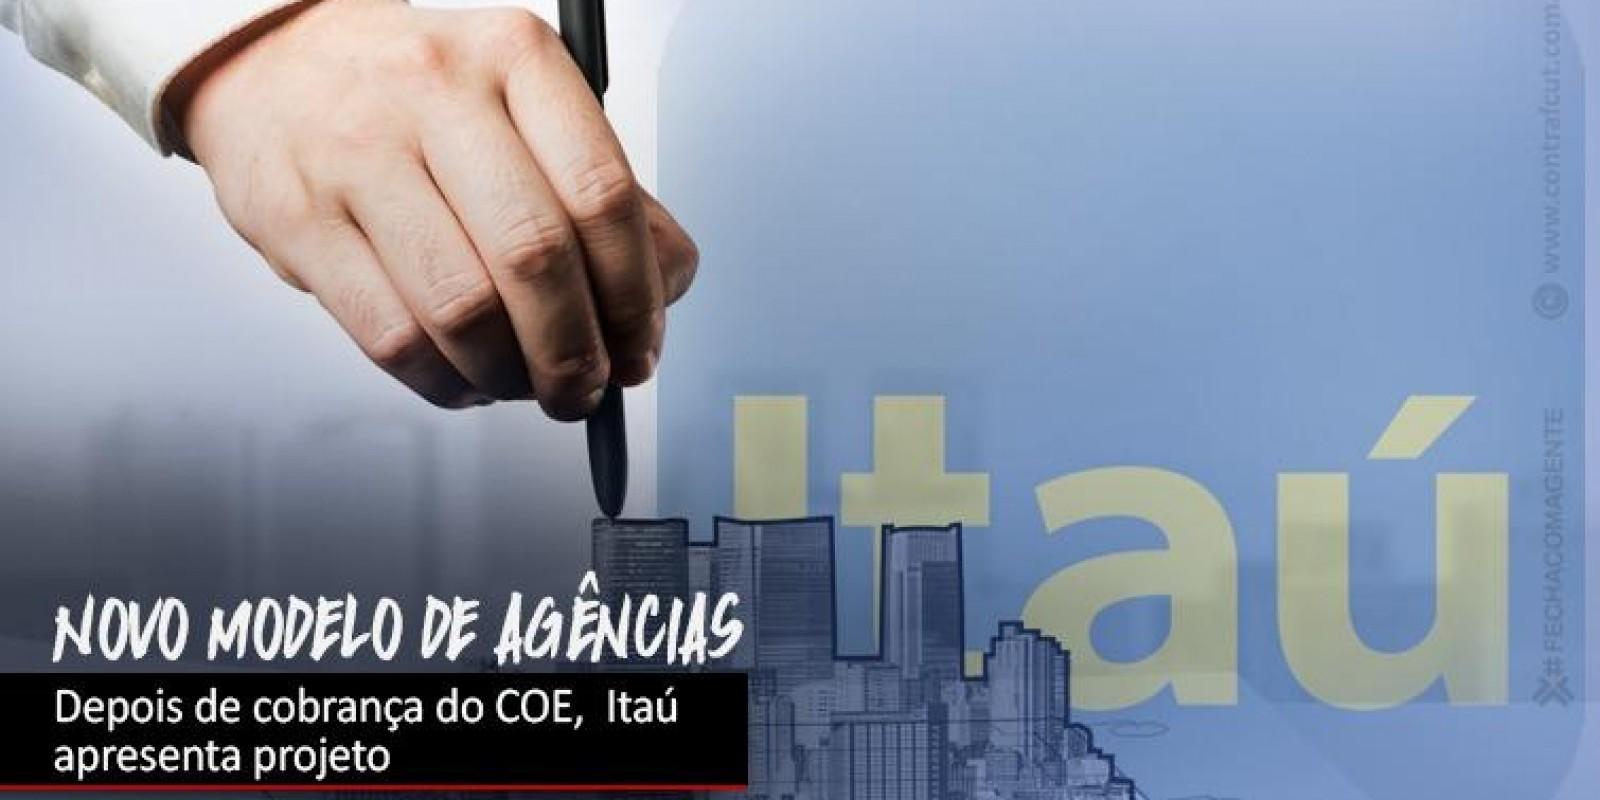 Depois de cobrança da COE, Itaú apresenta novo modelo de agências